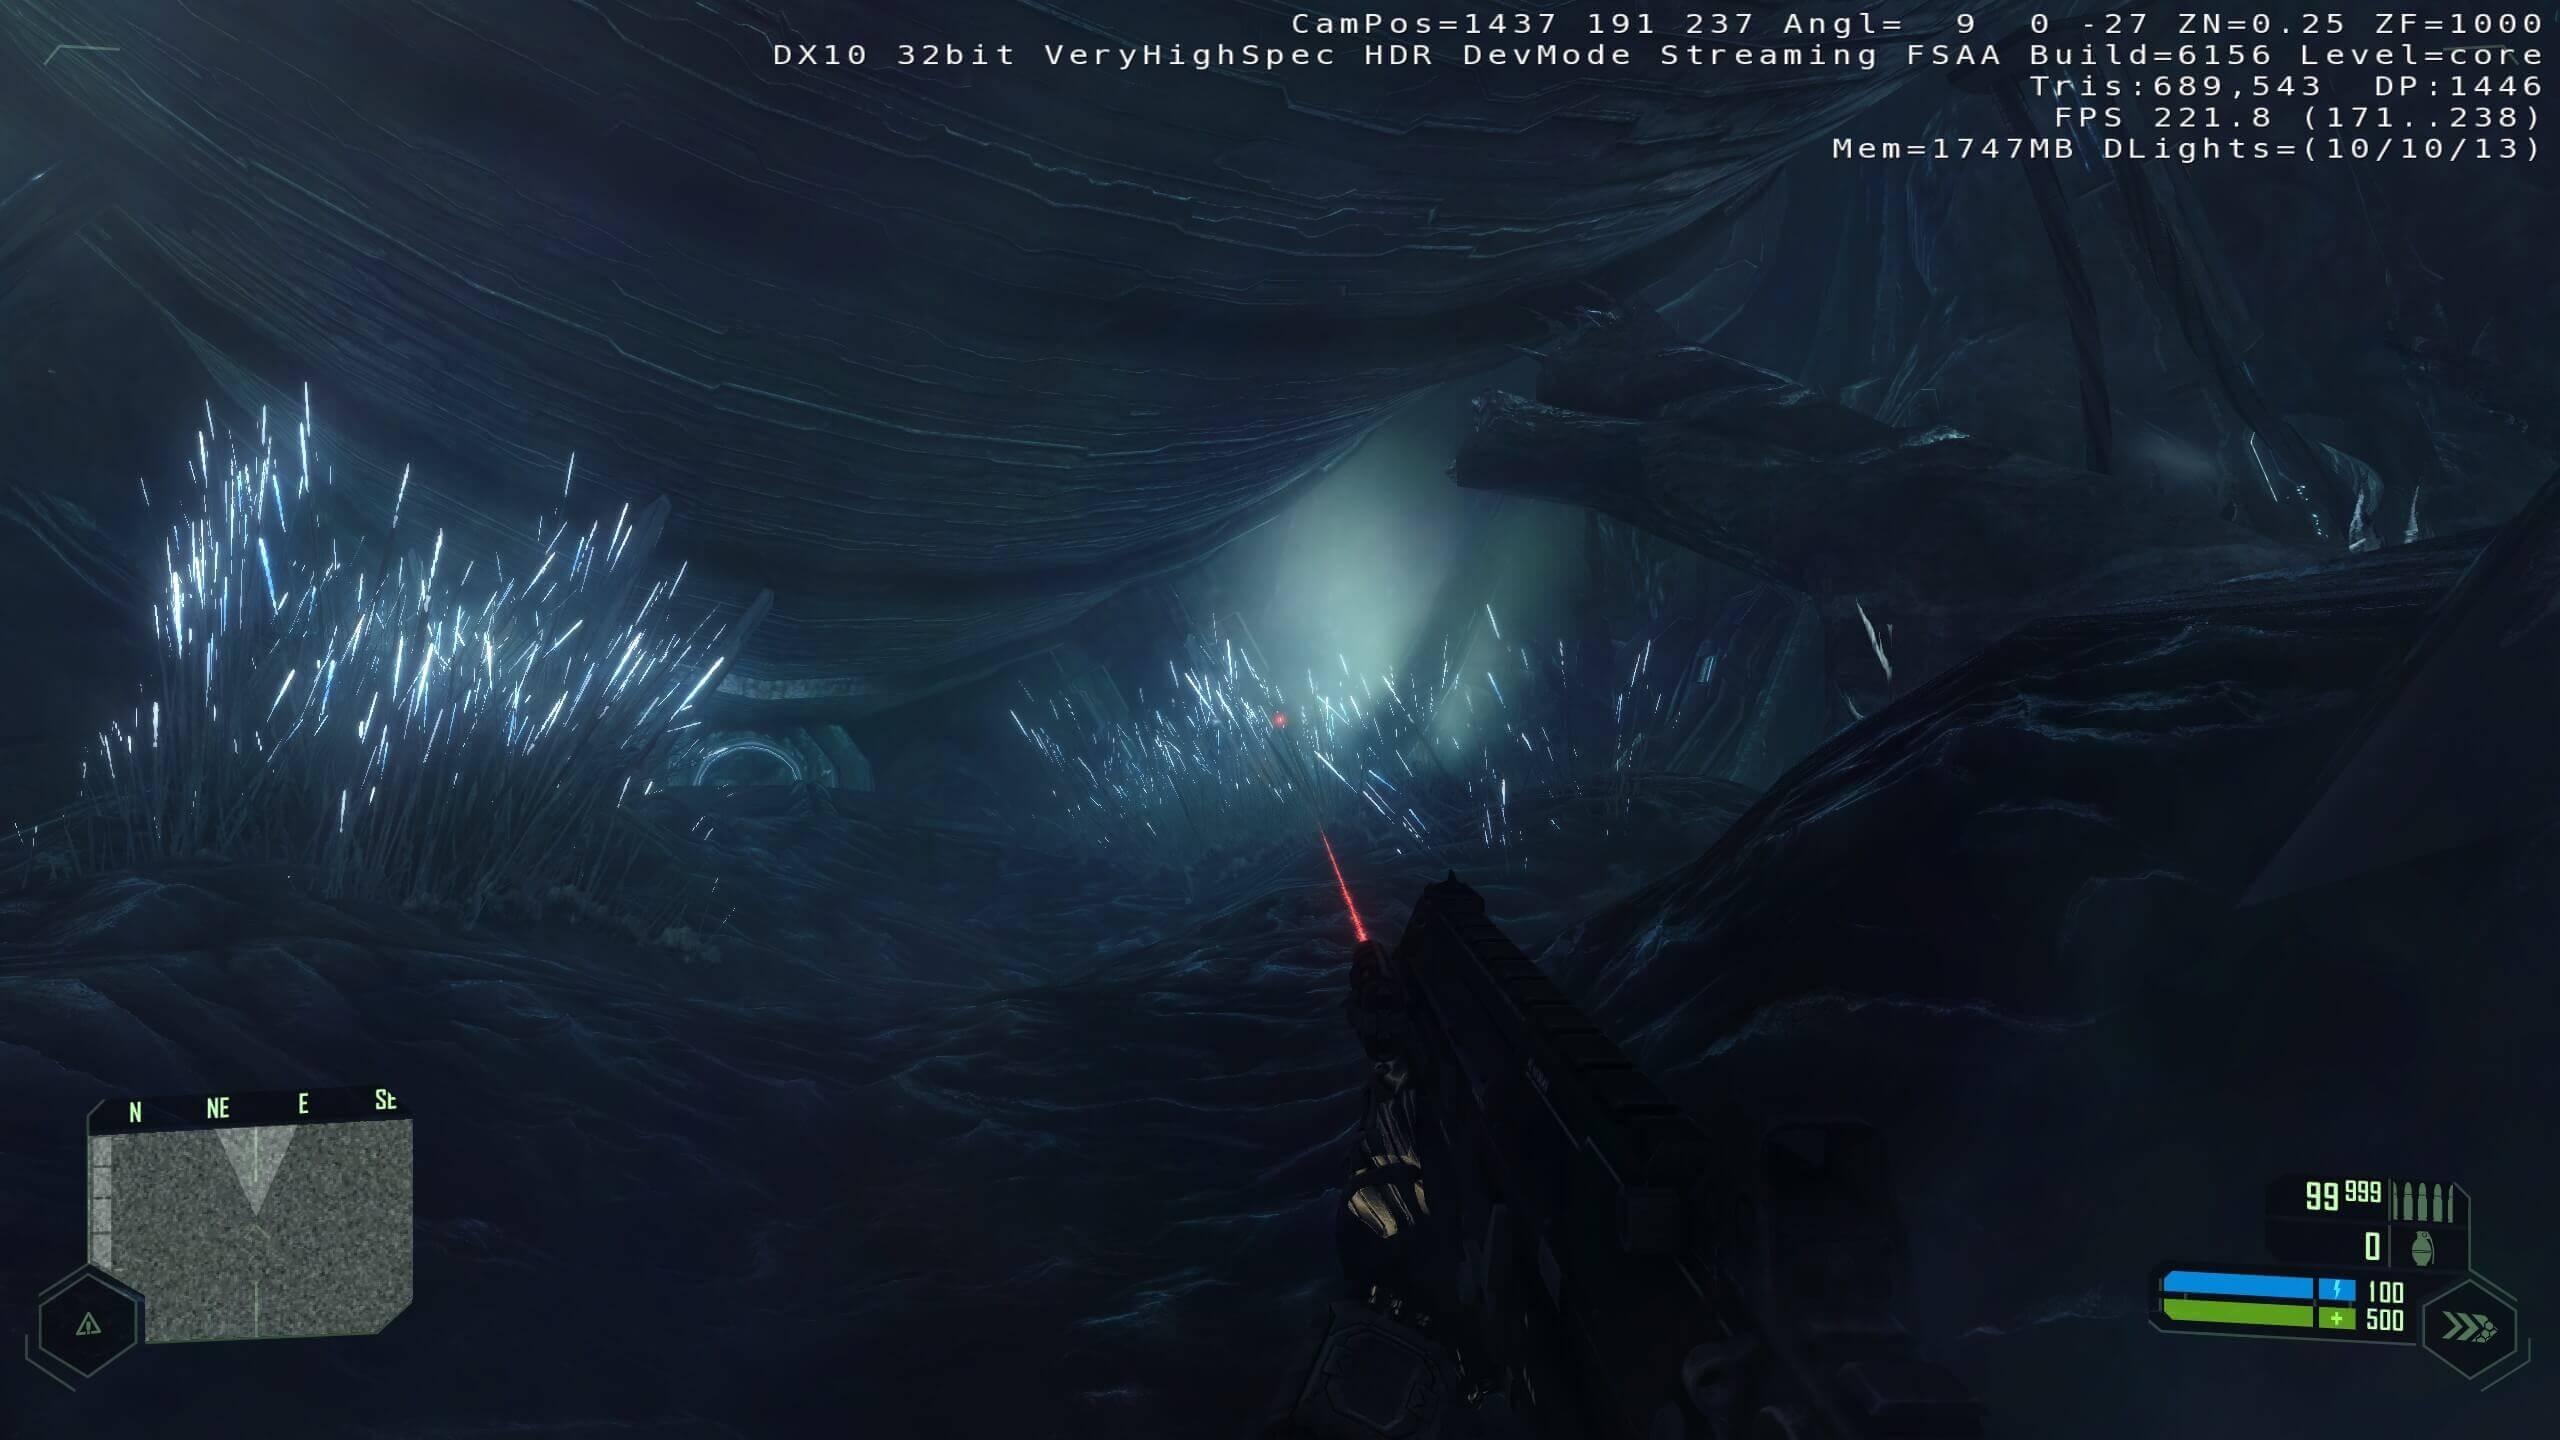 «А Crysis потянет?» Почему до сих пор обсуждают игру, выпущенную 13 лет назад - 20